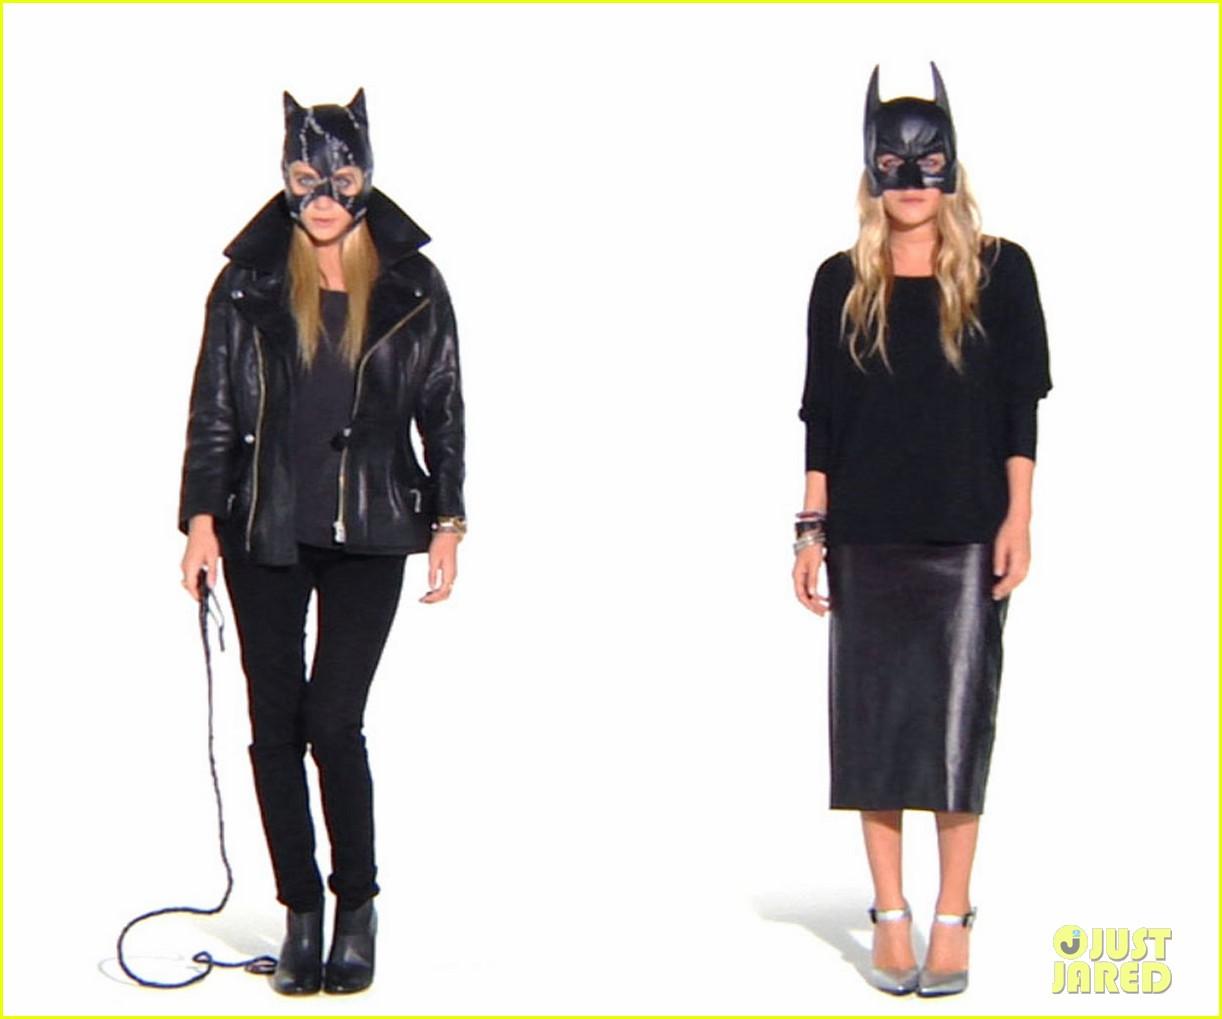 olsen twins batwoman catwoman 05